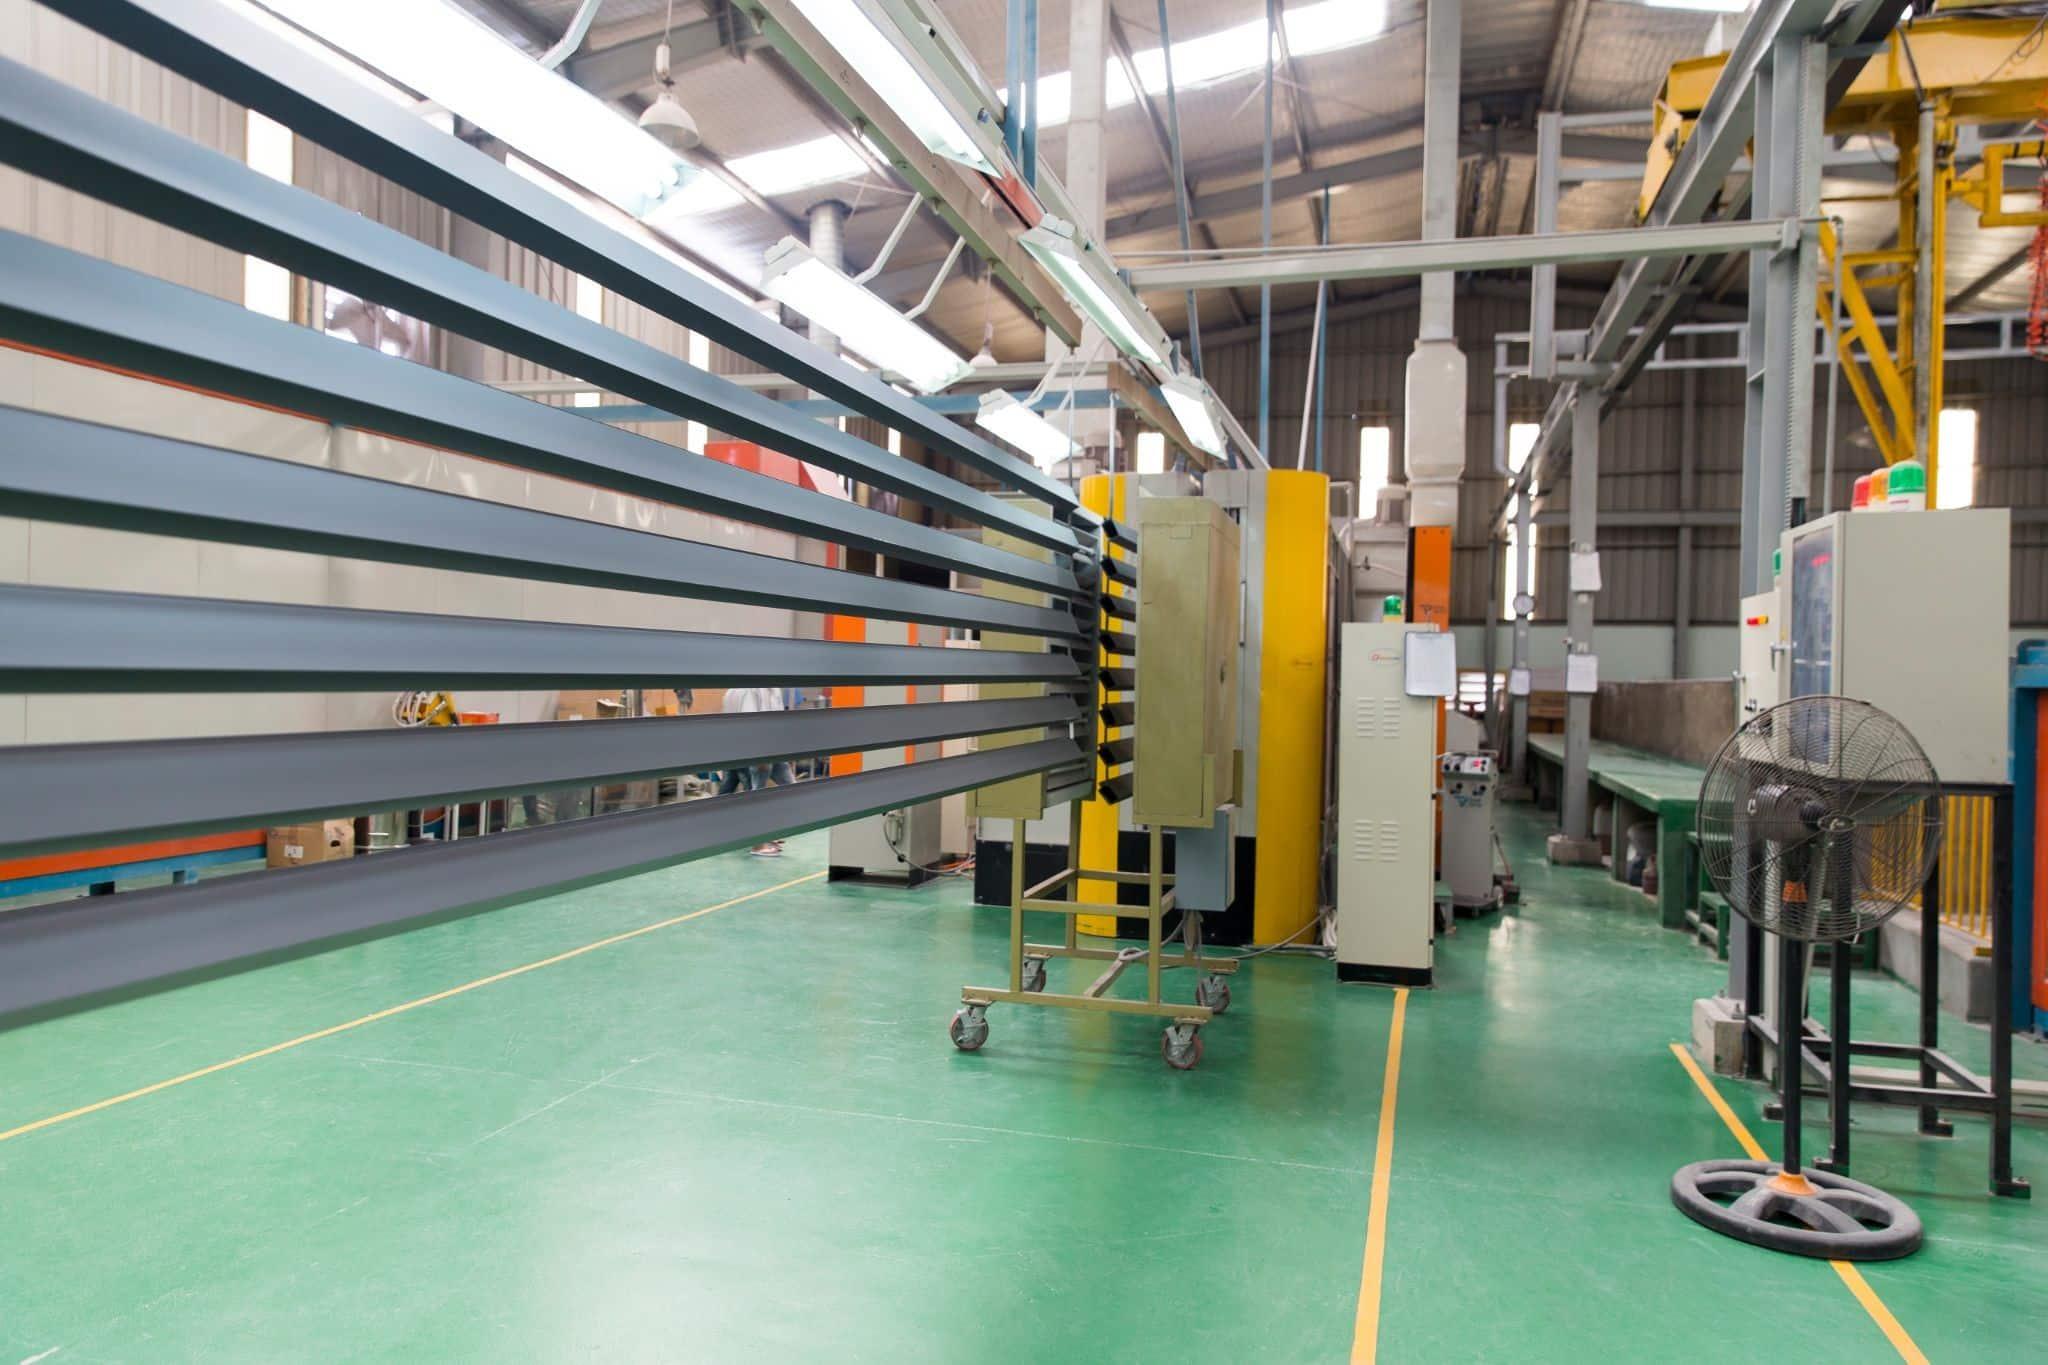 Công nghệ sơn tĩnh điện đảm bảo tính thẩm mỹ cho các sản phẩm